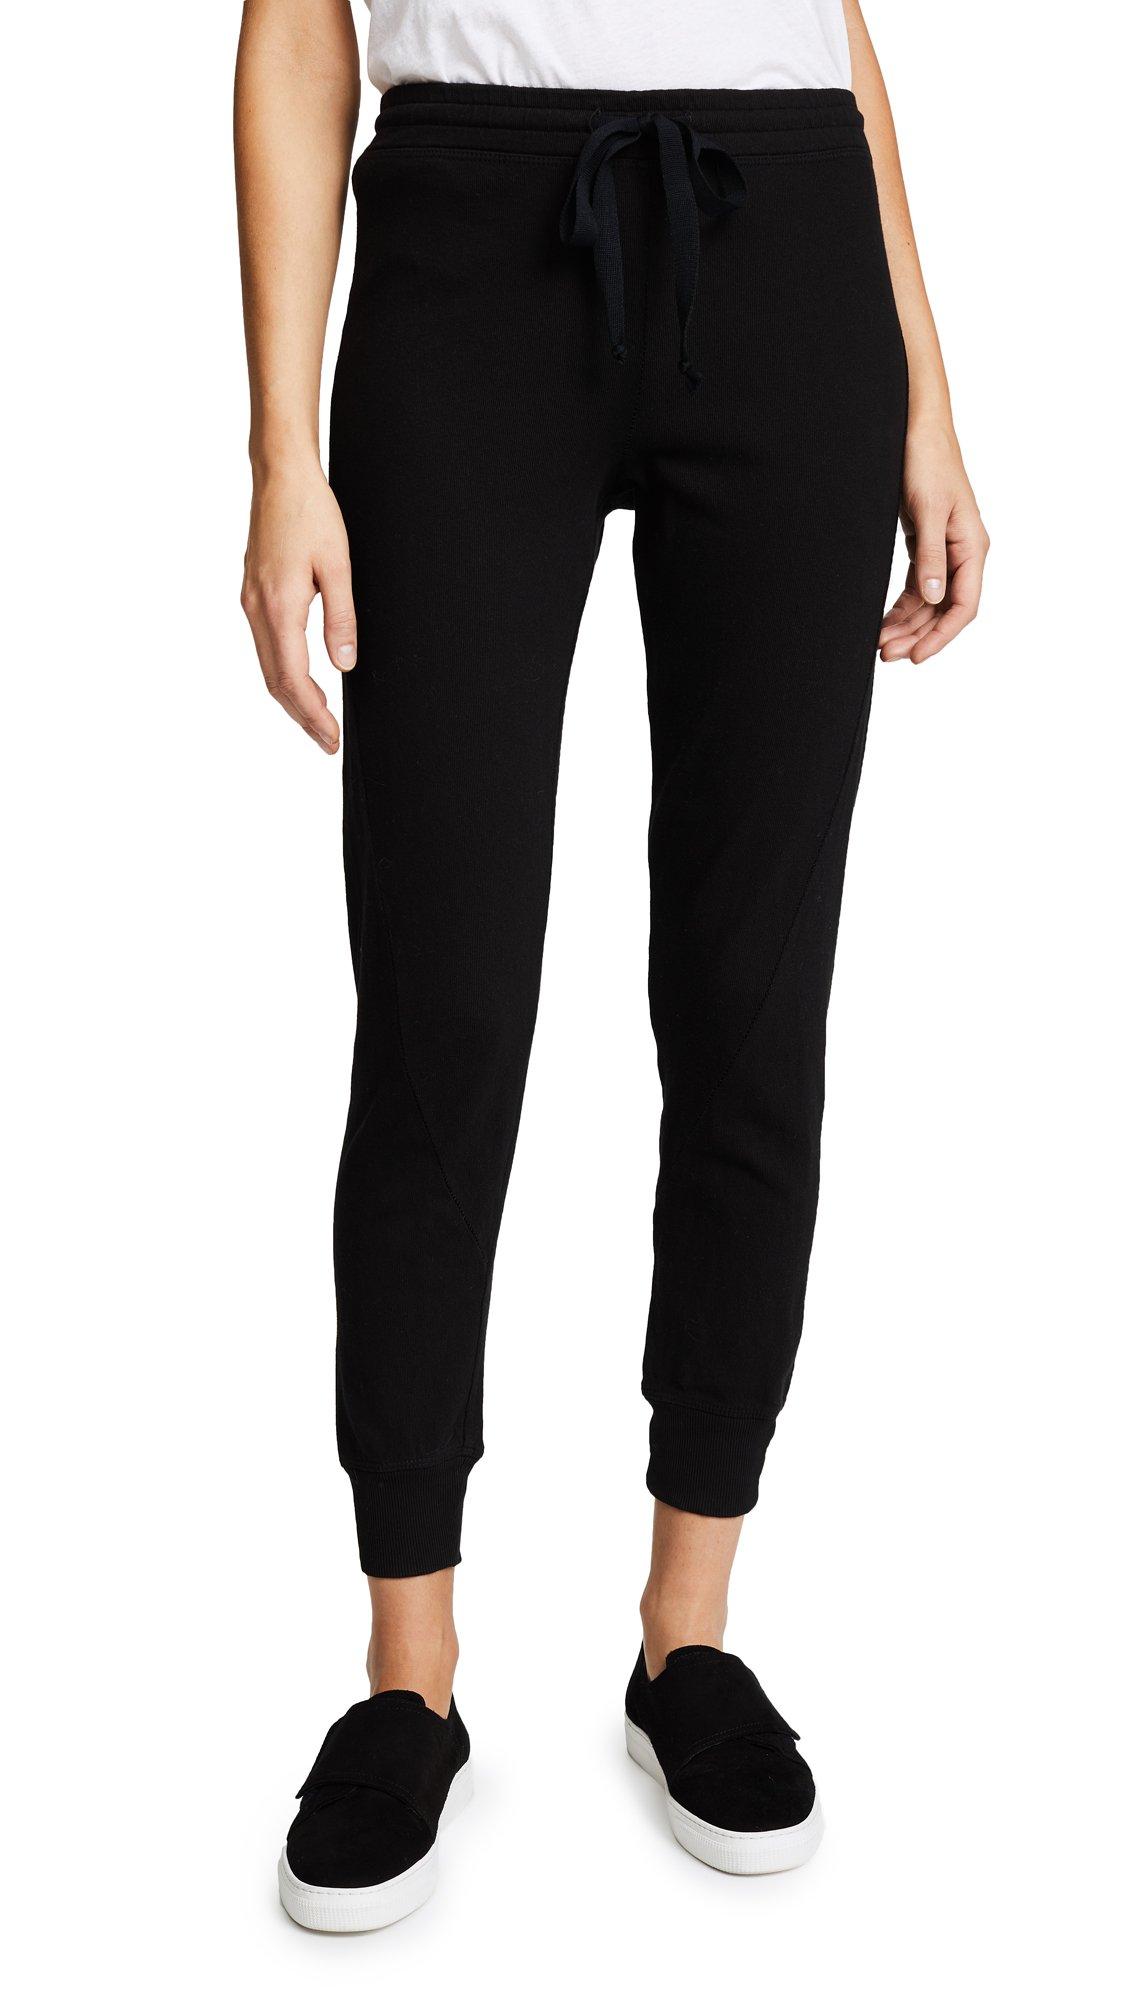 Wilt Women's Twist Shrunken Sweatpants, Black, Large by Wilt